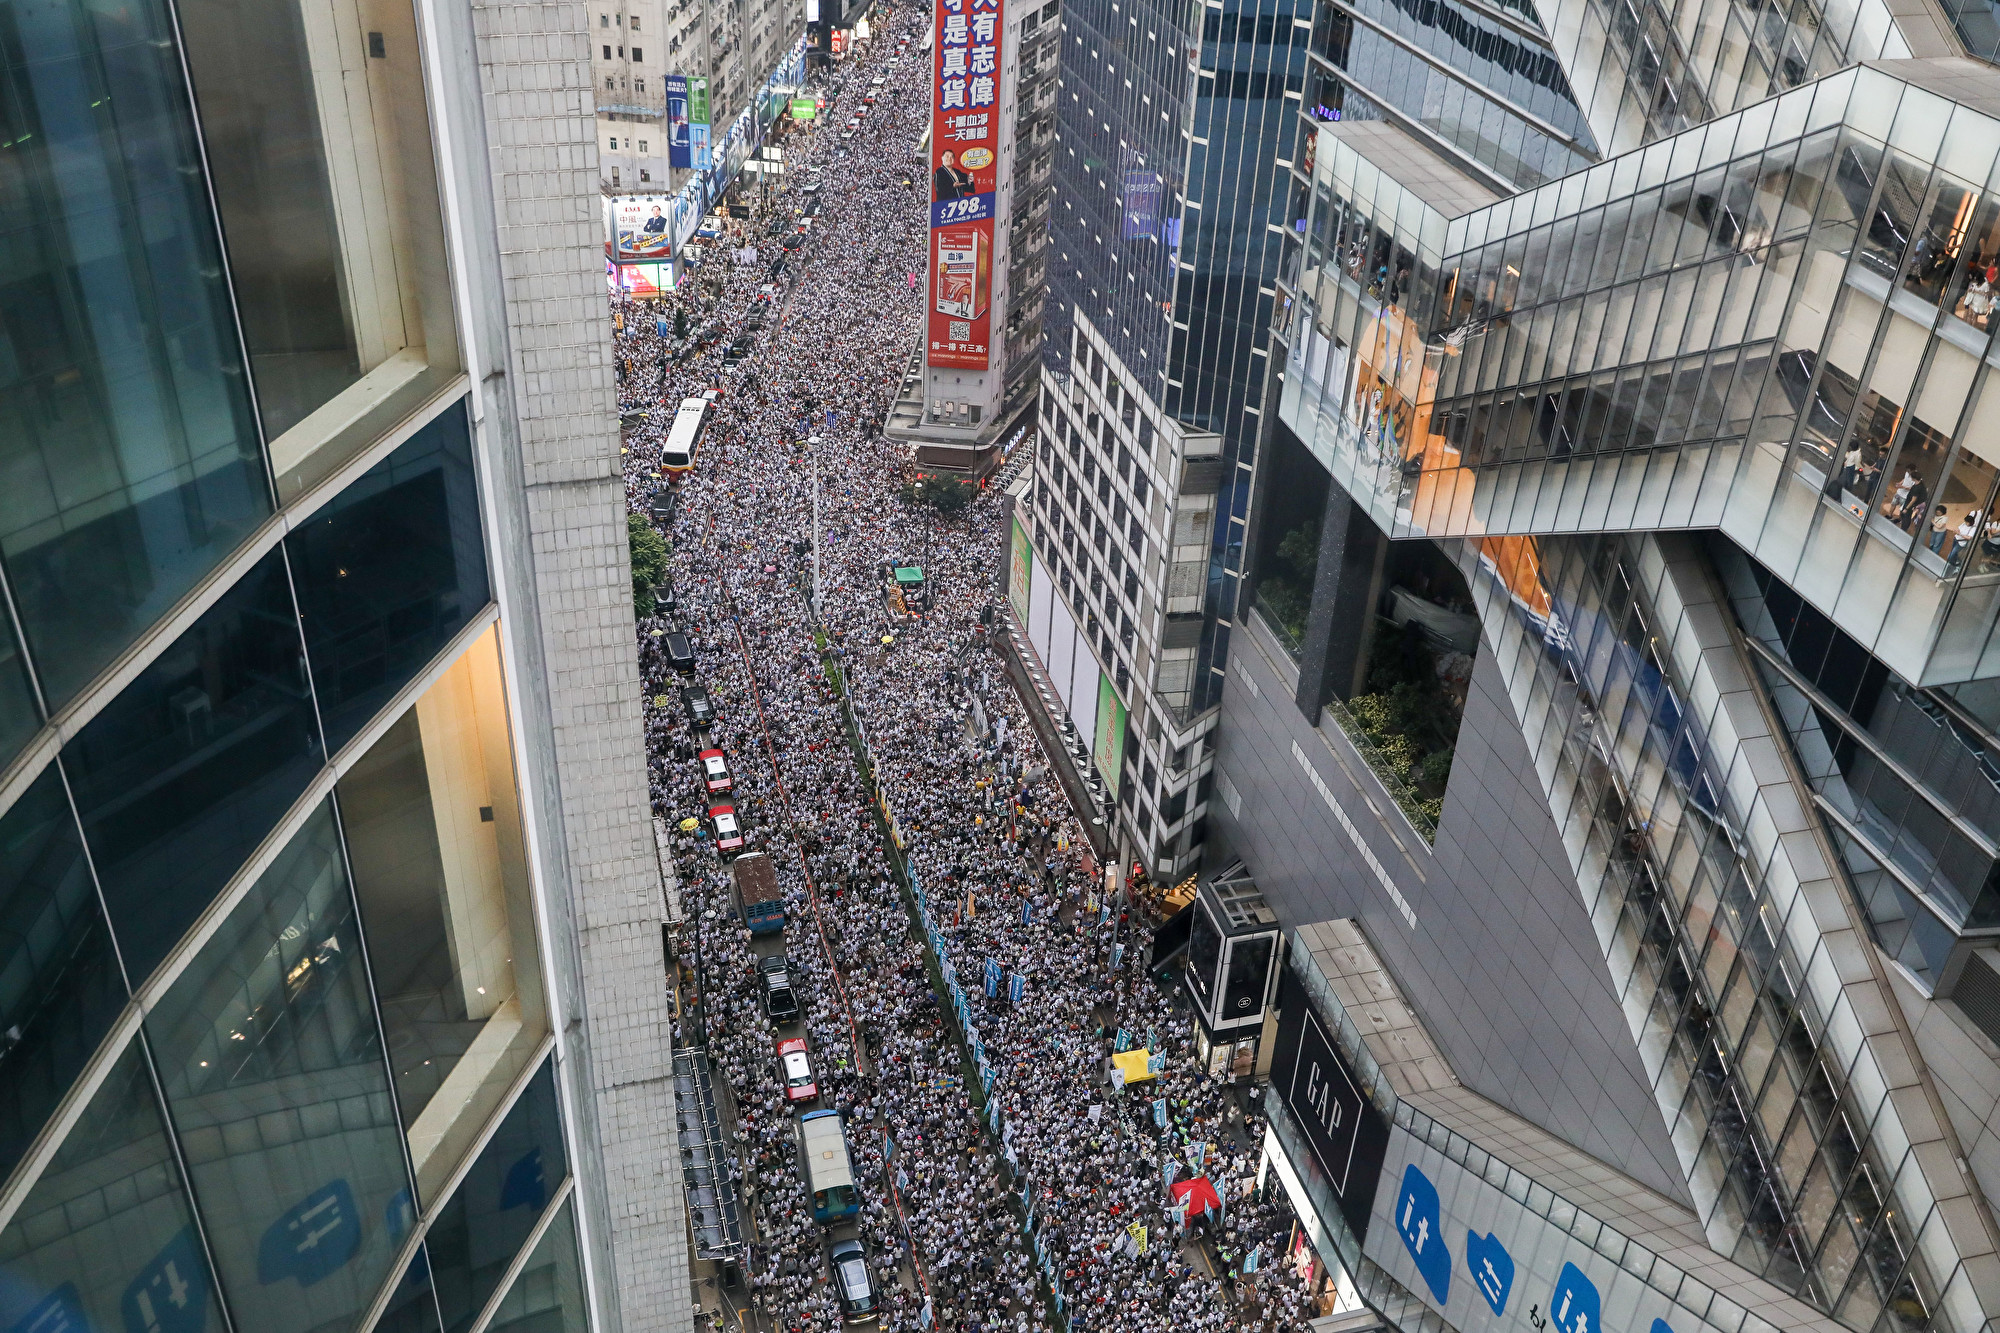 盤點香港過去一周的反送中抗議活動